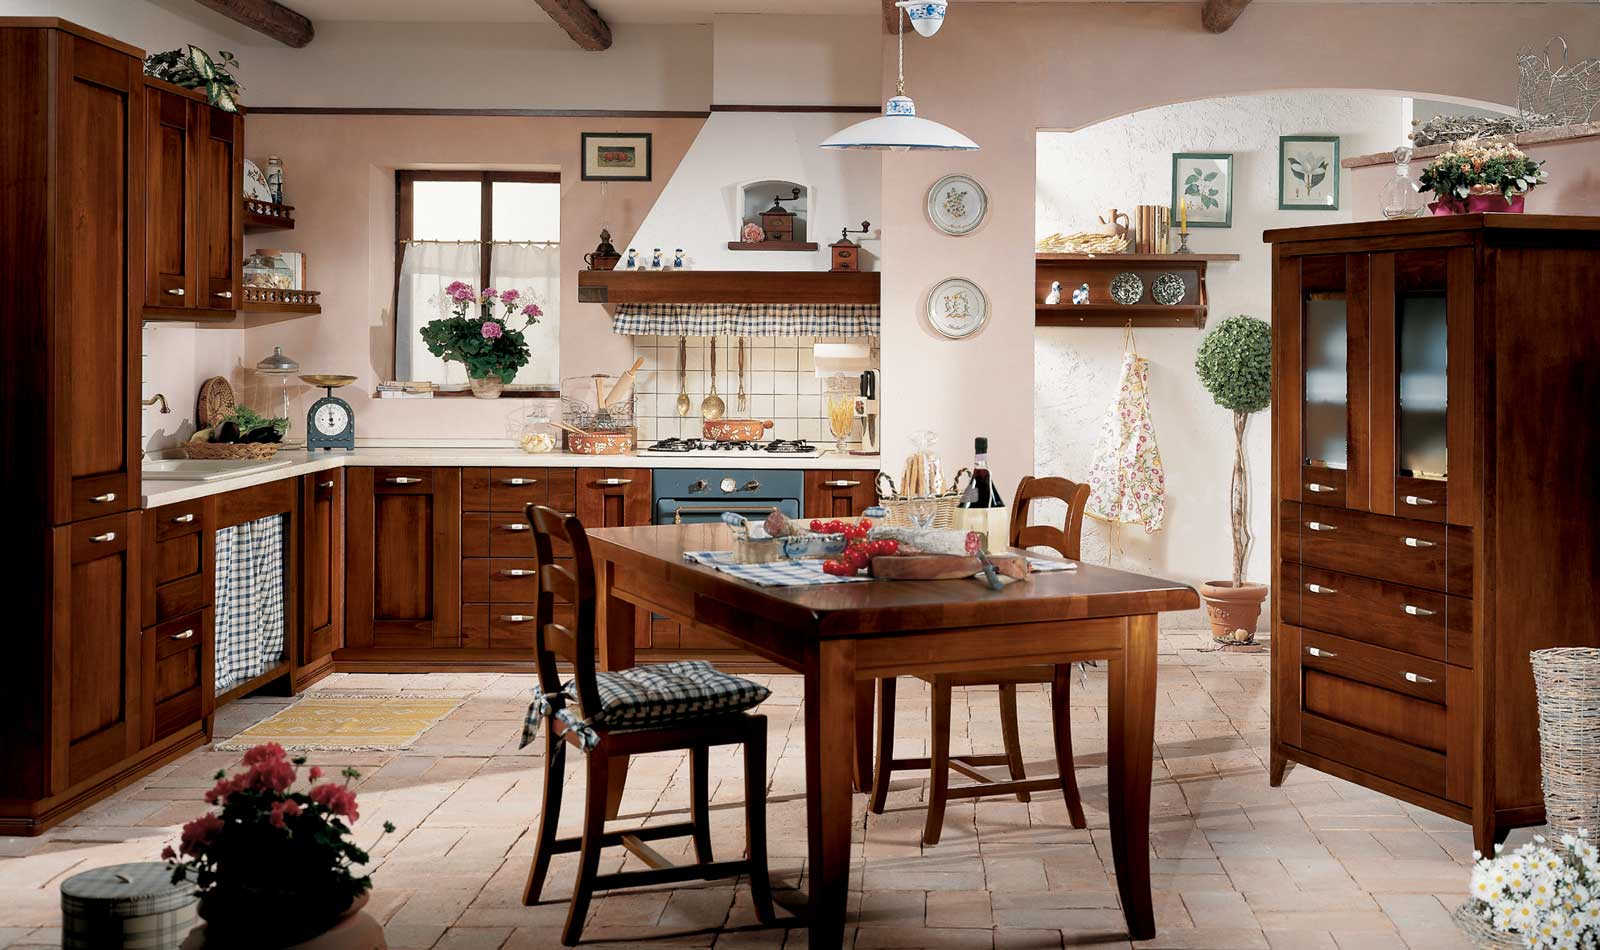 Mobili Cucina Arte Povera. Trendy Mobile Dispensa Carrello ...